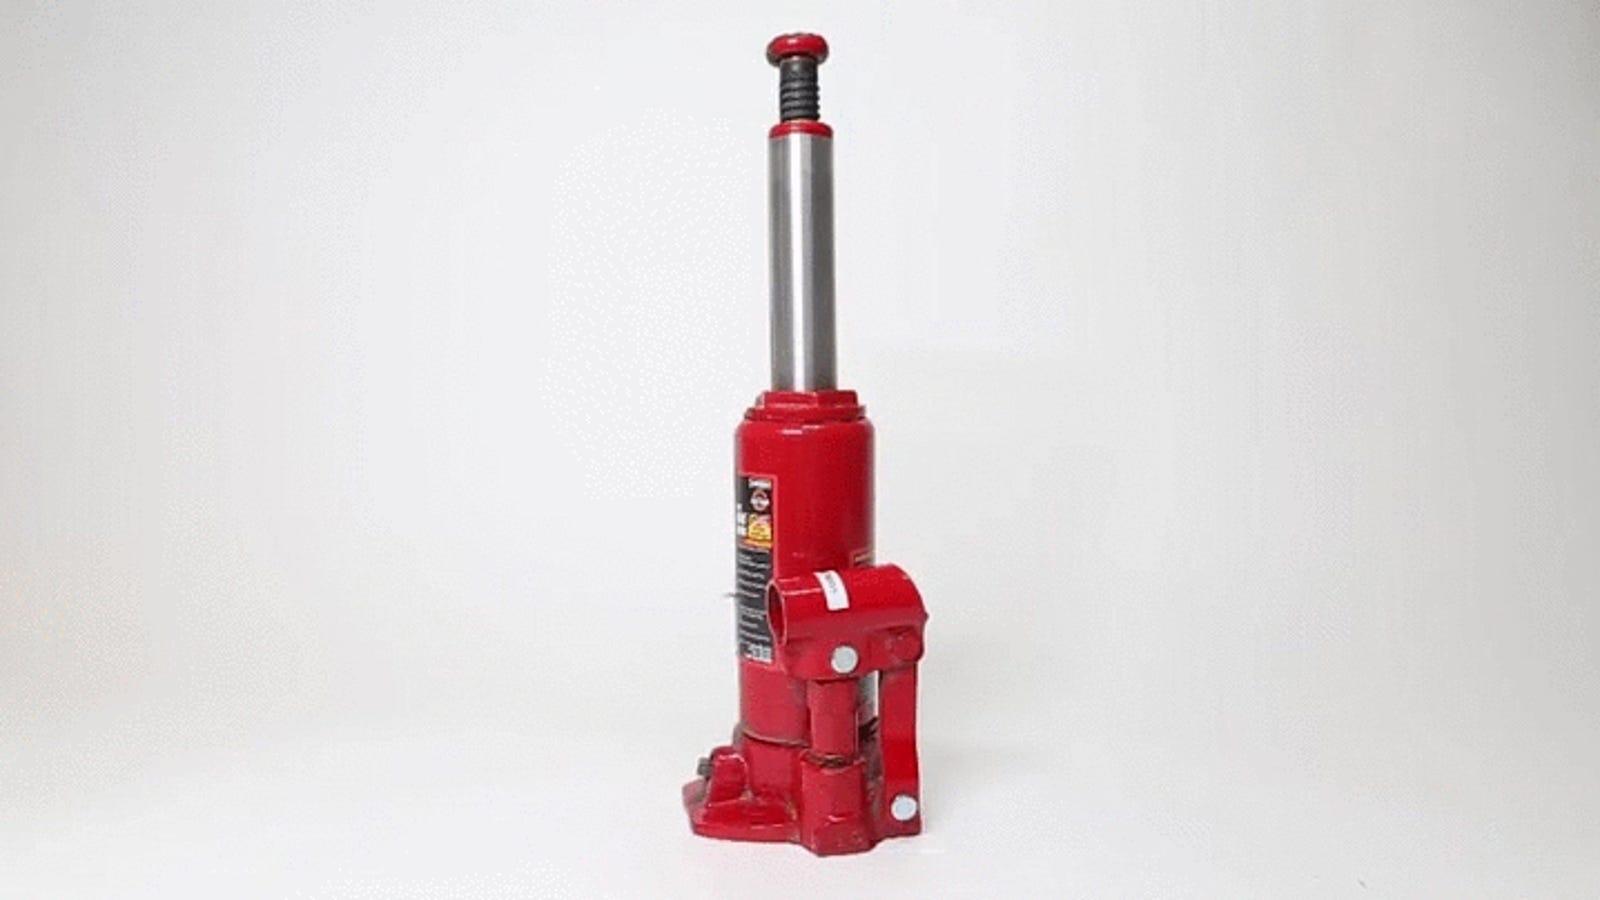 Watch a Waterjet Cut a Hydraulic Press In Half